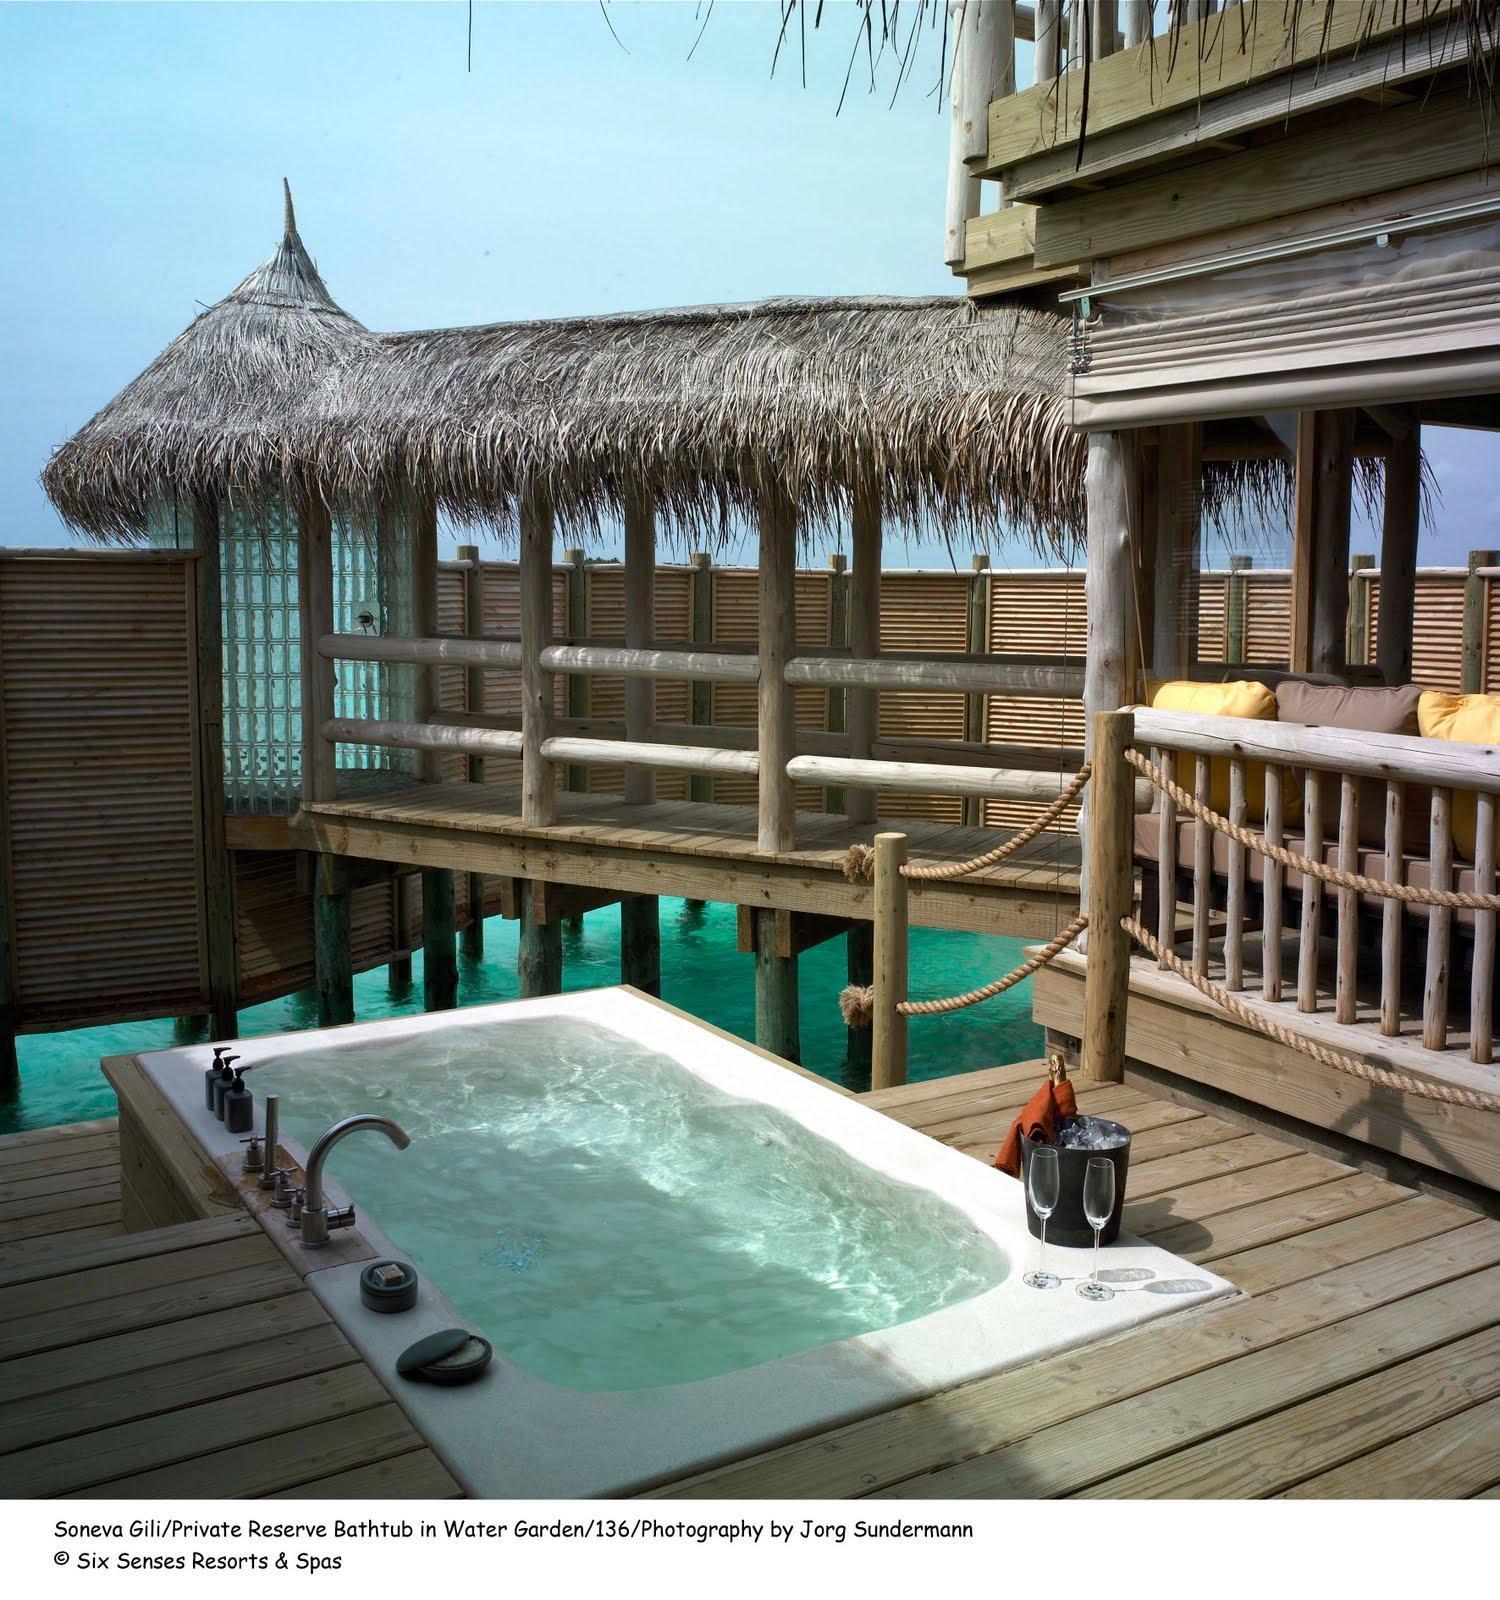 Soneva gili un hotel flotante de lujo en las maldivas for Islas maldivas hoteles en el agua